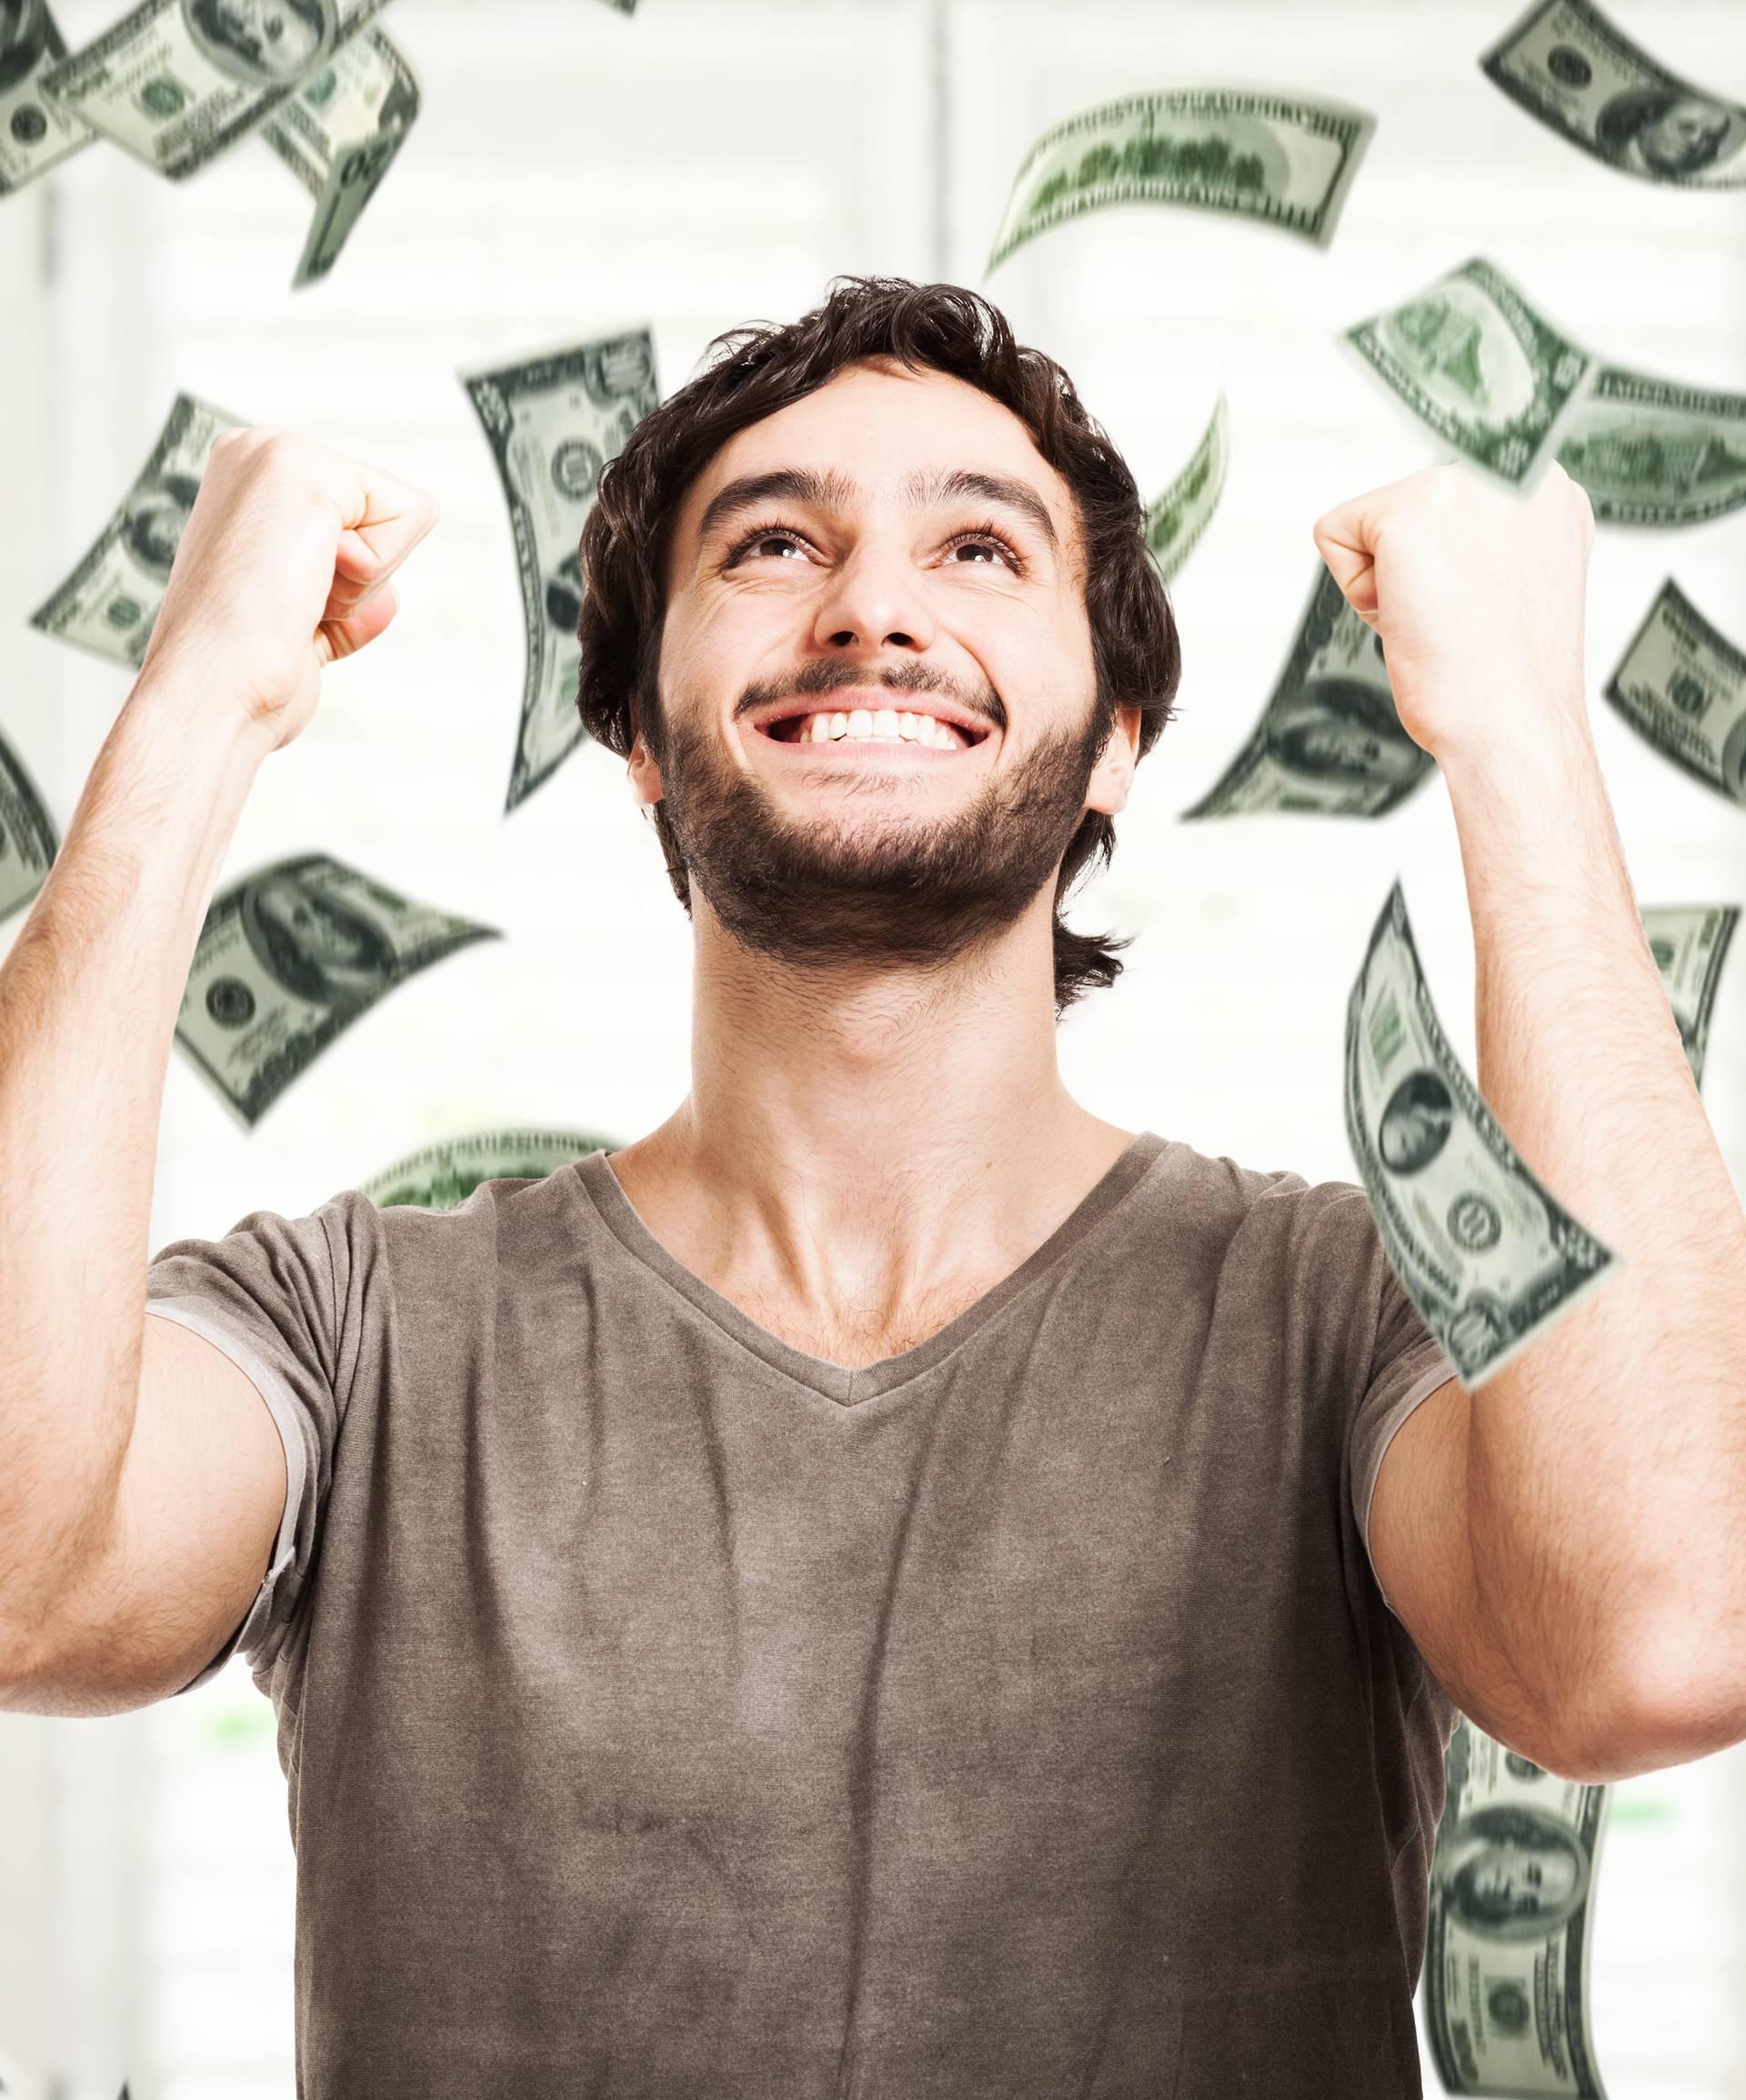 Privucite novac: Držite u stanu bosiljak, spuštajte WC dasku...